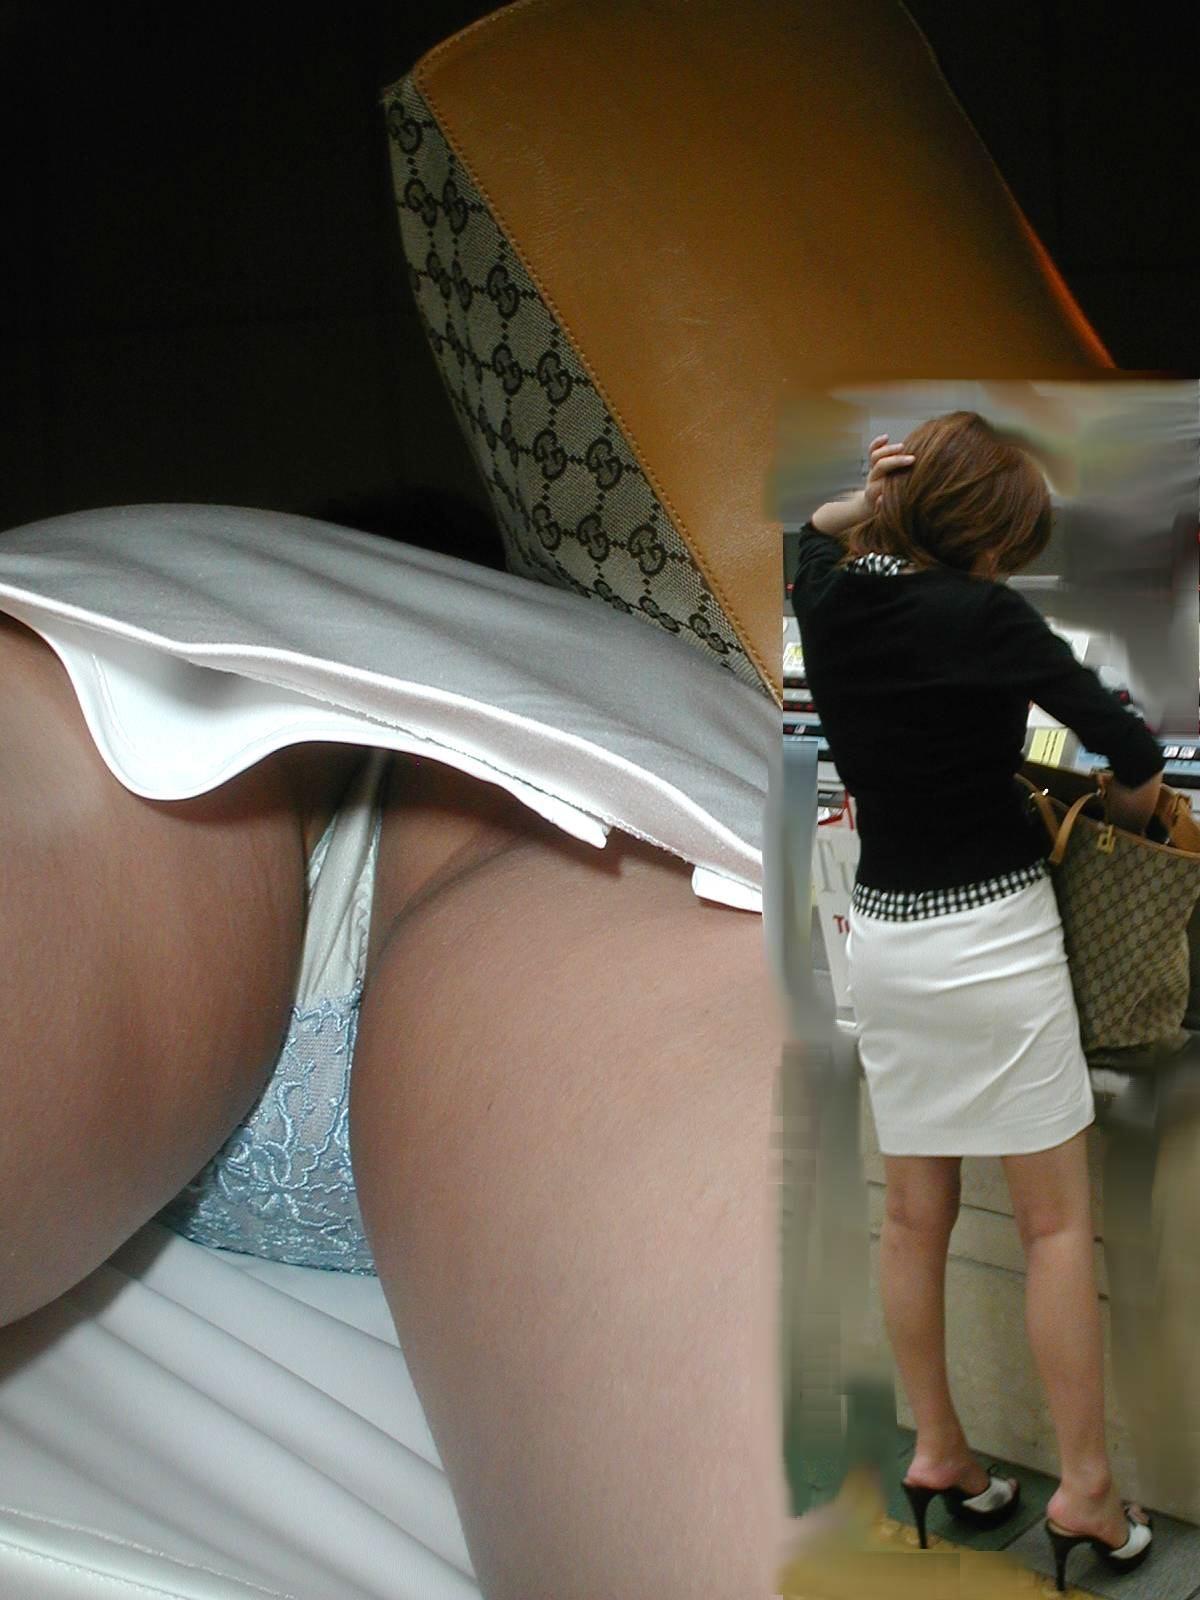 細く綺麗な美脚の素人女性のパンツがイヤらしい!